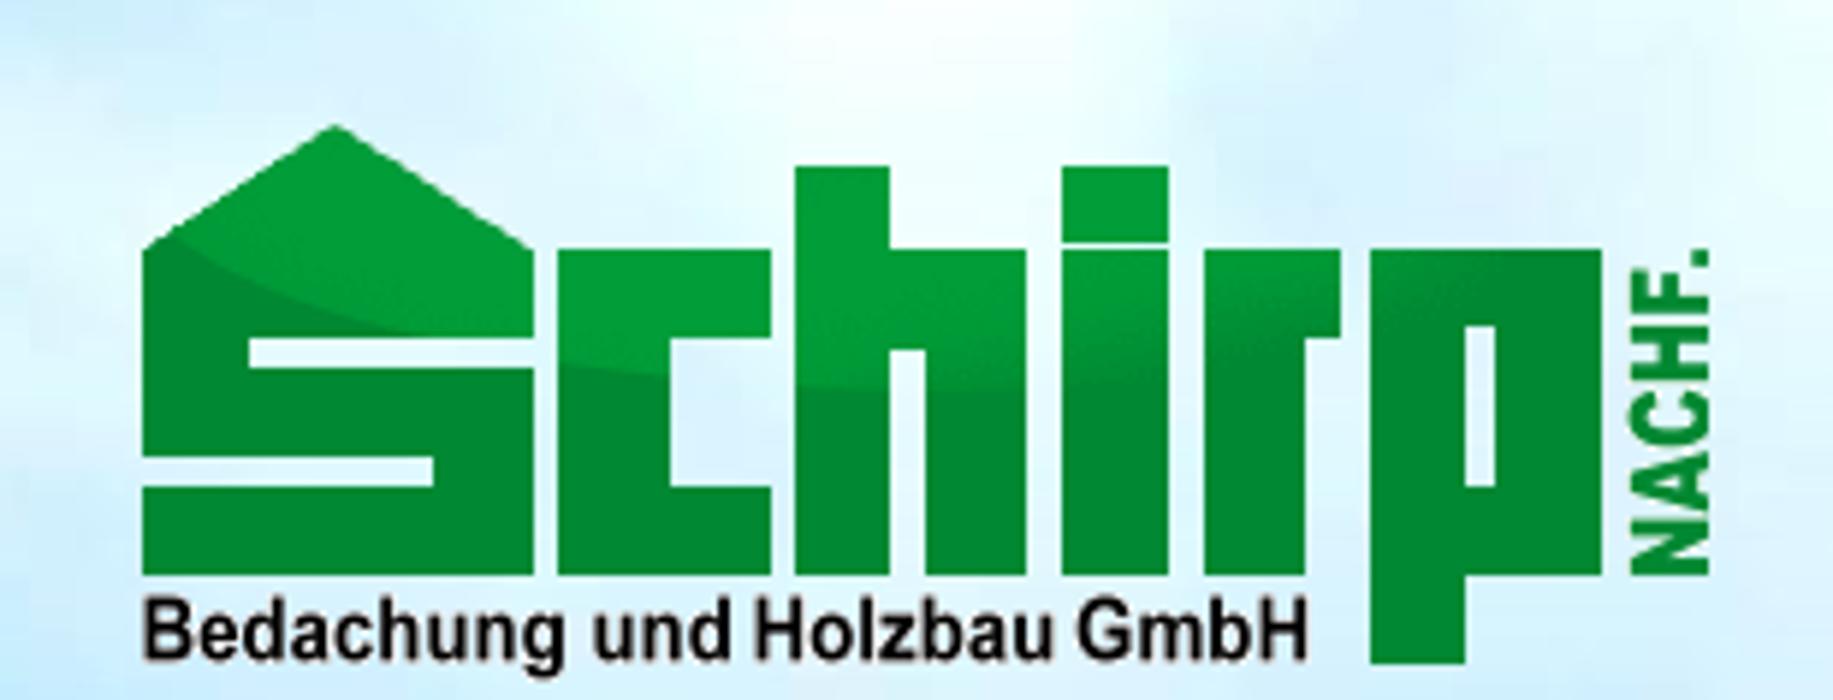 Bild zu Schirp Nachf. Bedachung und Holzbau GmbH in Hagen in Westfalen